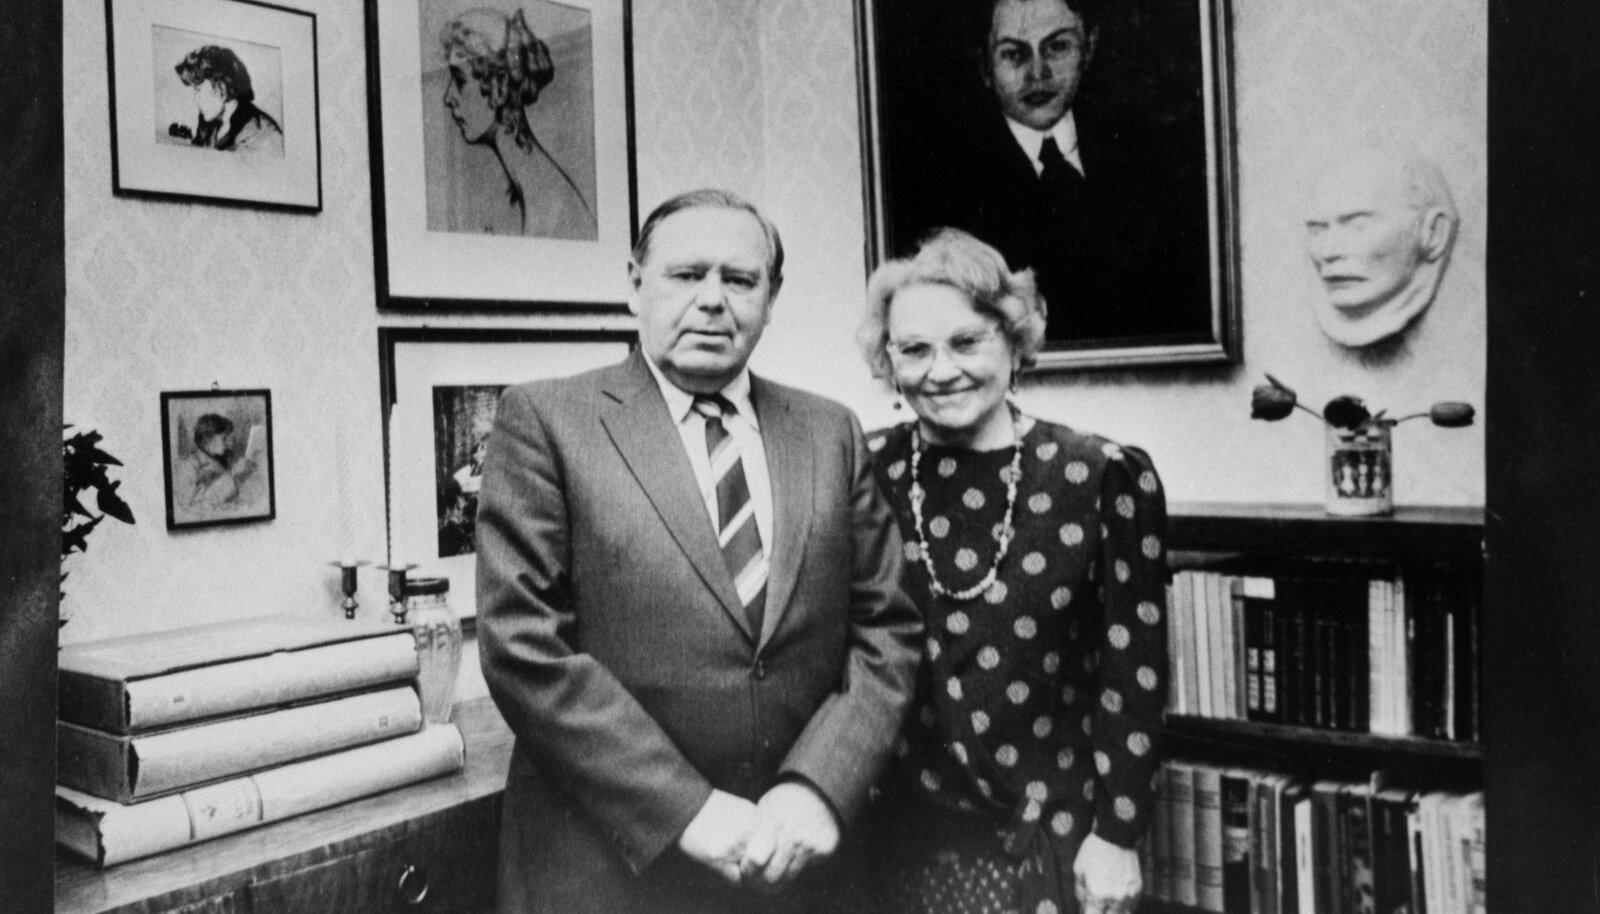 Kalju Lepik koos abikaasa Astaga 1990. aastal Underi ja Tuglase Kirjanduskeskuses